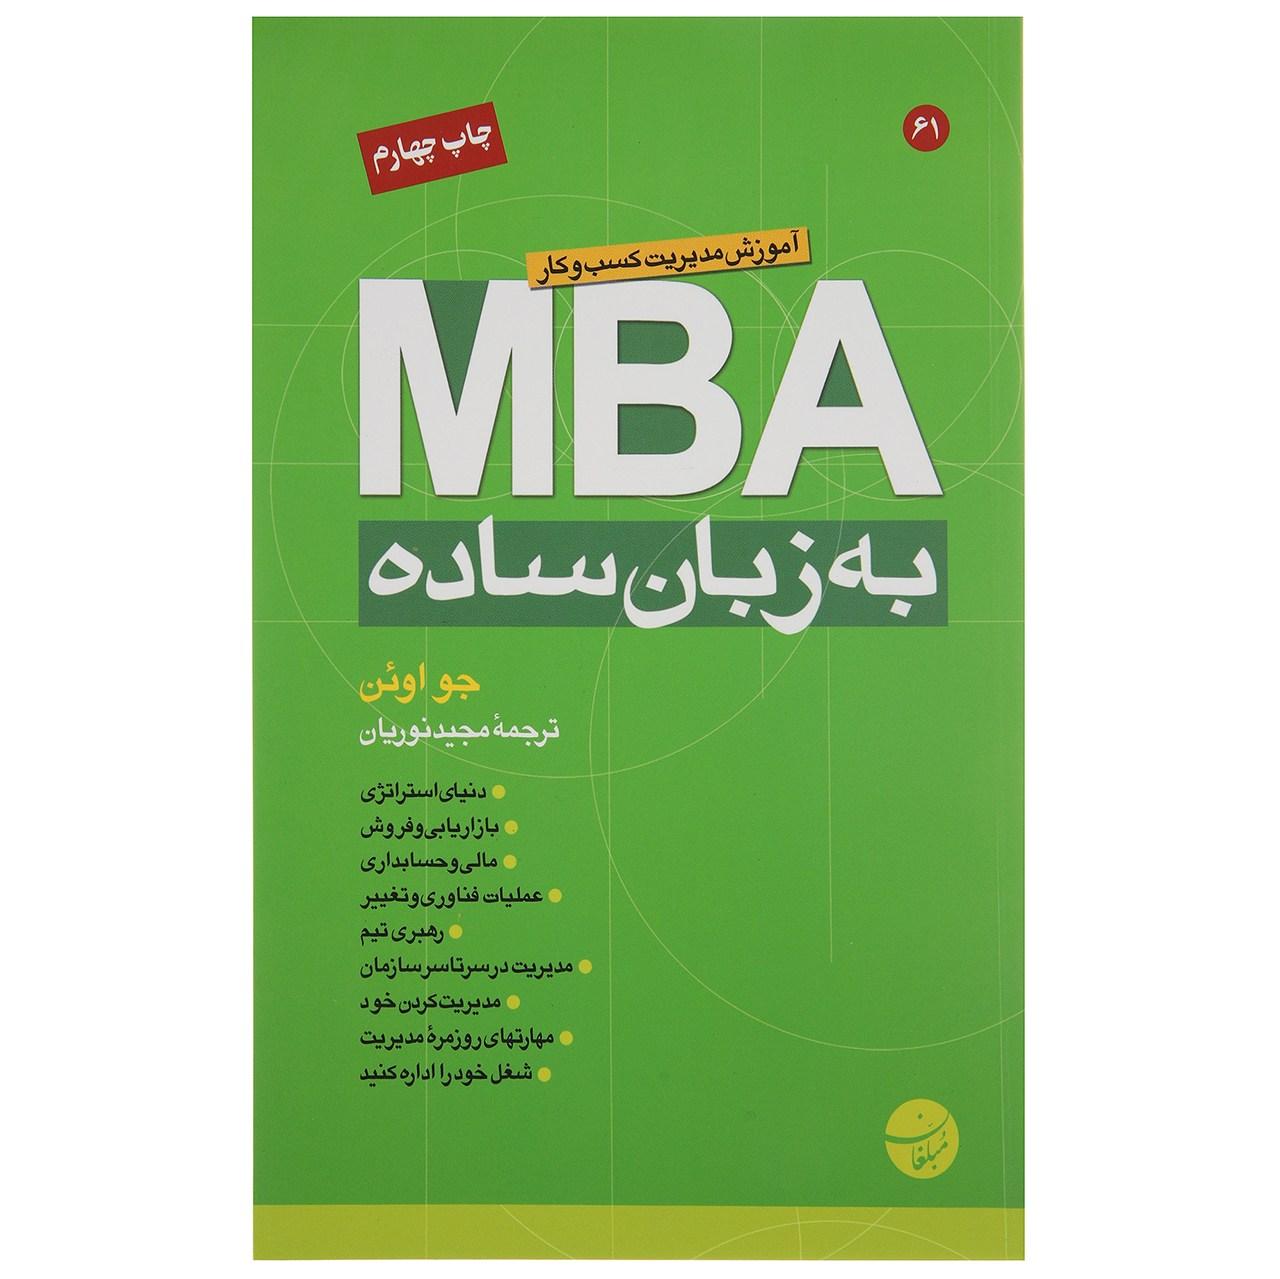 کتاب MBA به زبان ساده اثر جو اوئن